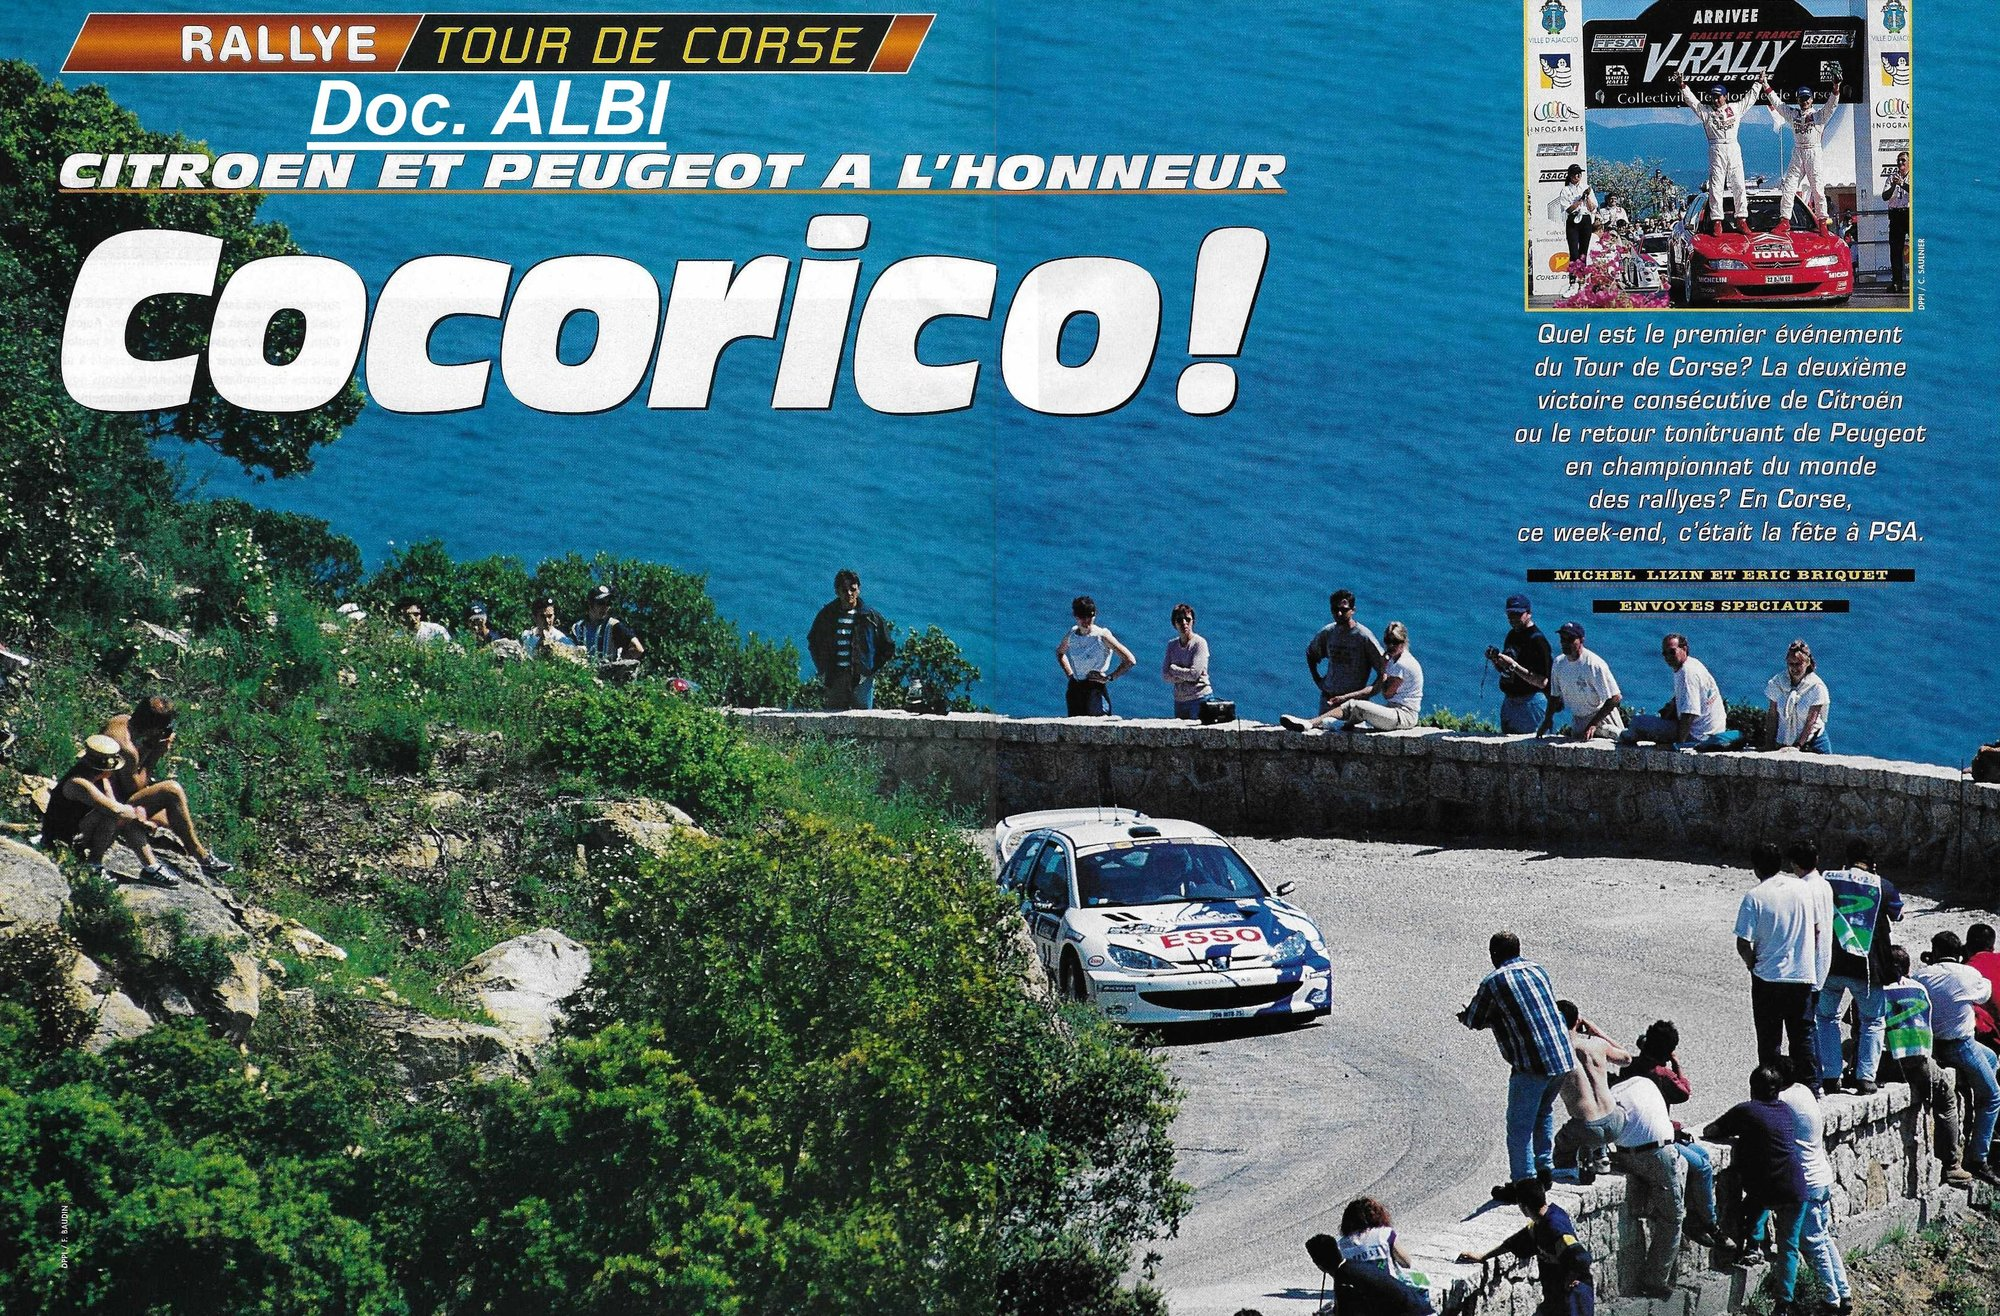 1999-M06-Tour-Corse-Ah-12-13-a.thumb.jpg.8cb134ebf8f033f0fc89c833738ecfe6.jpg